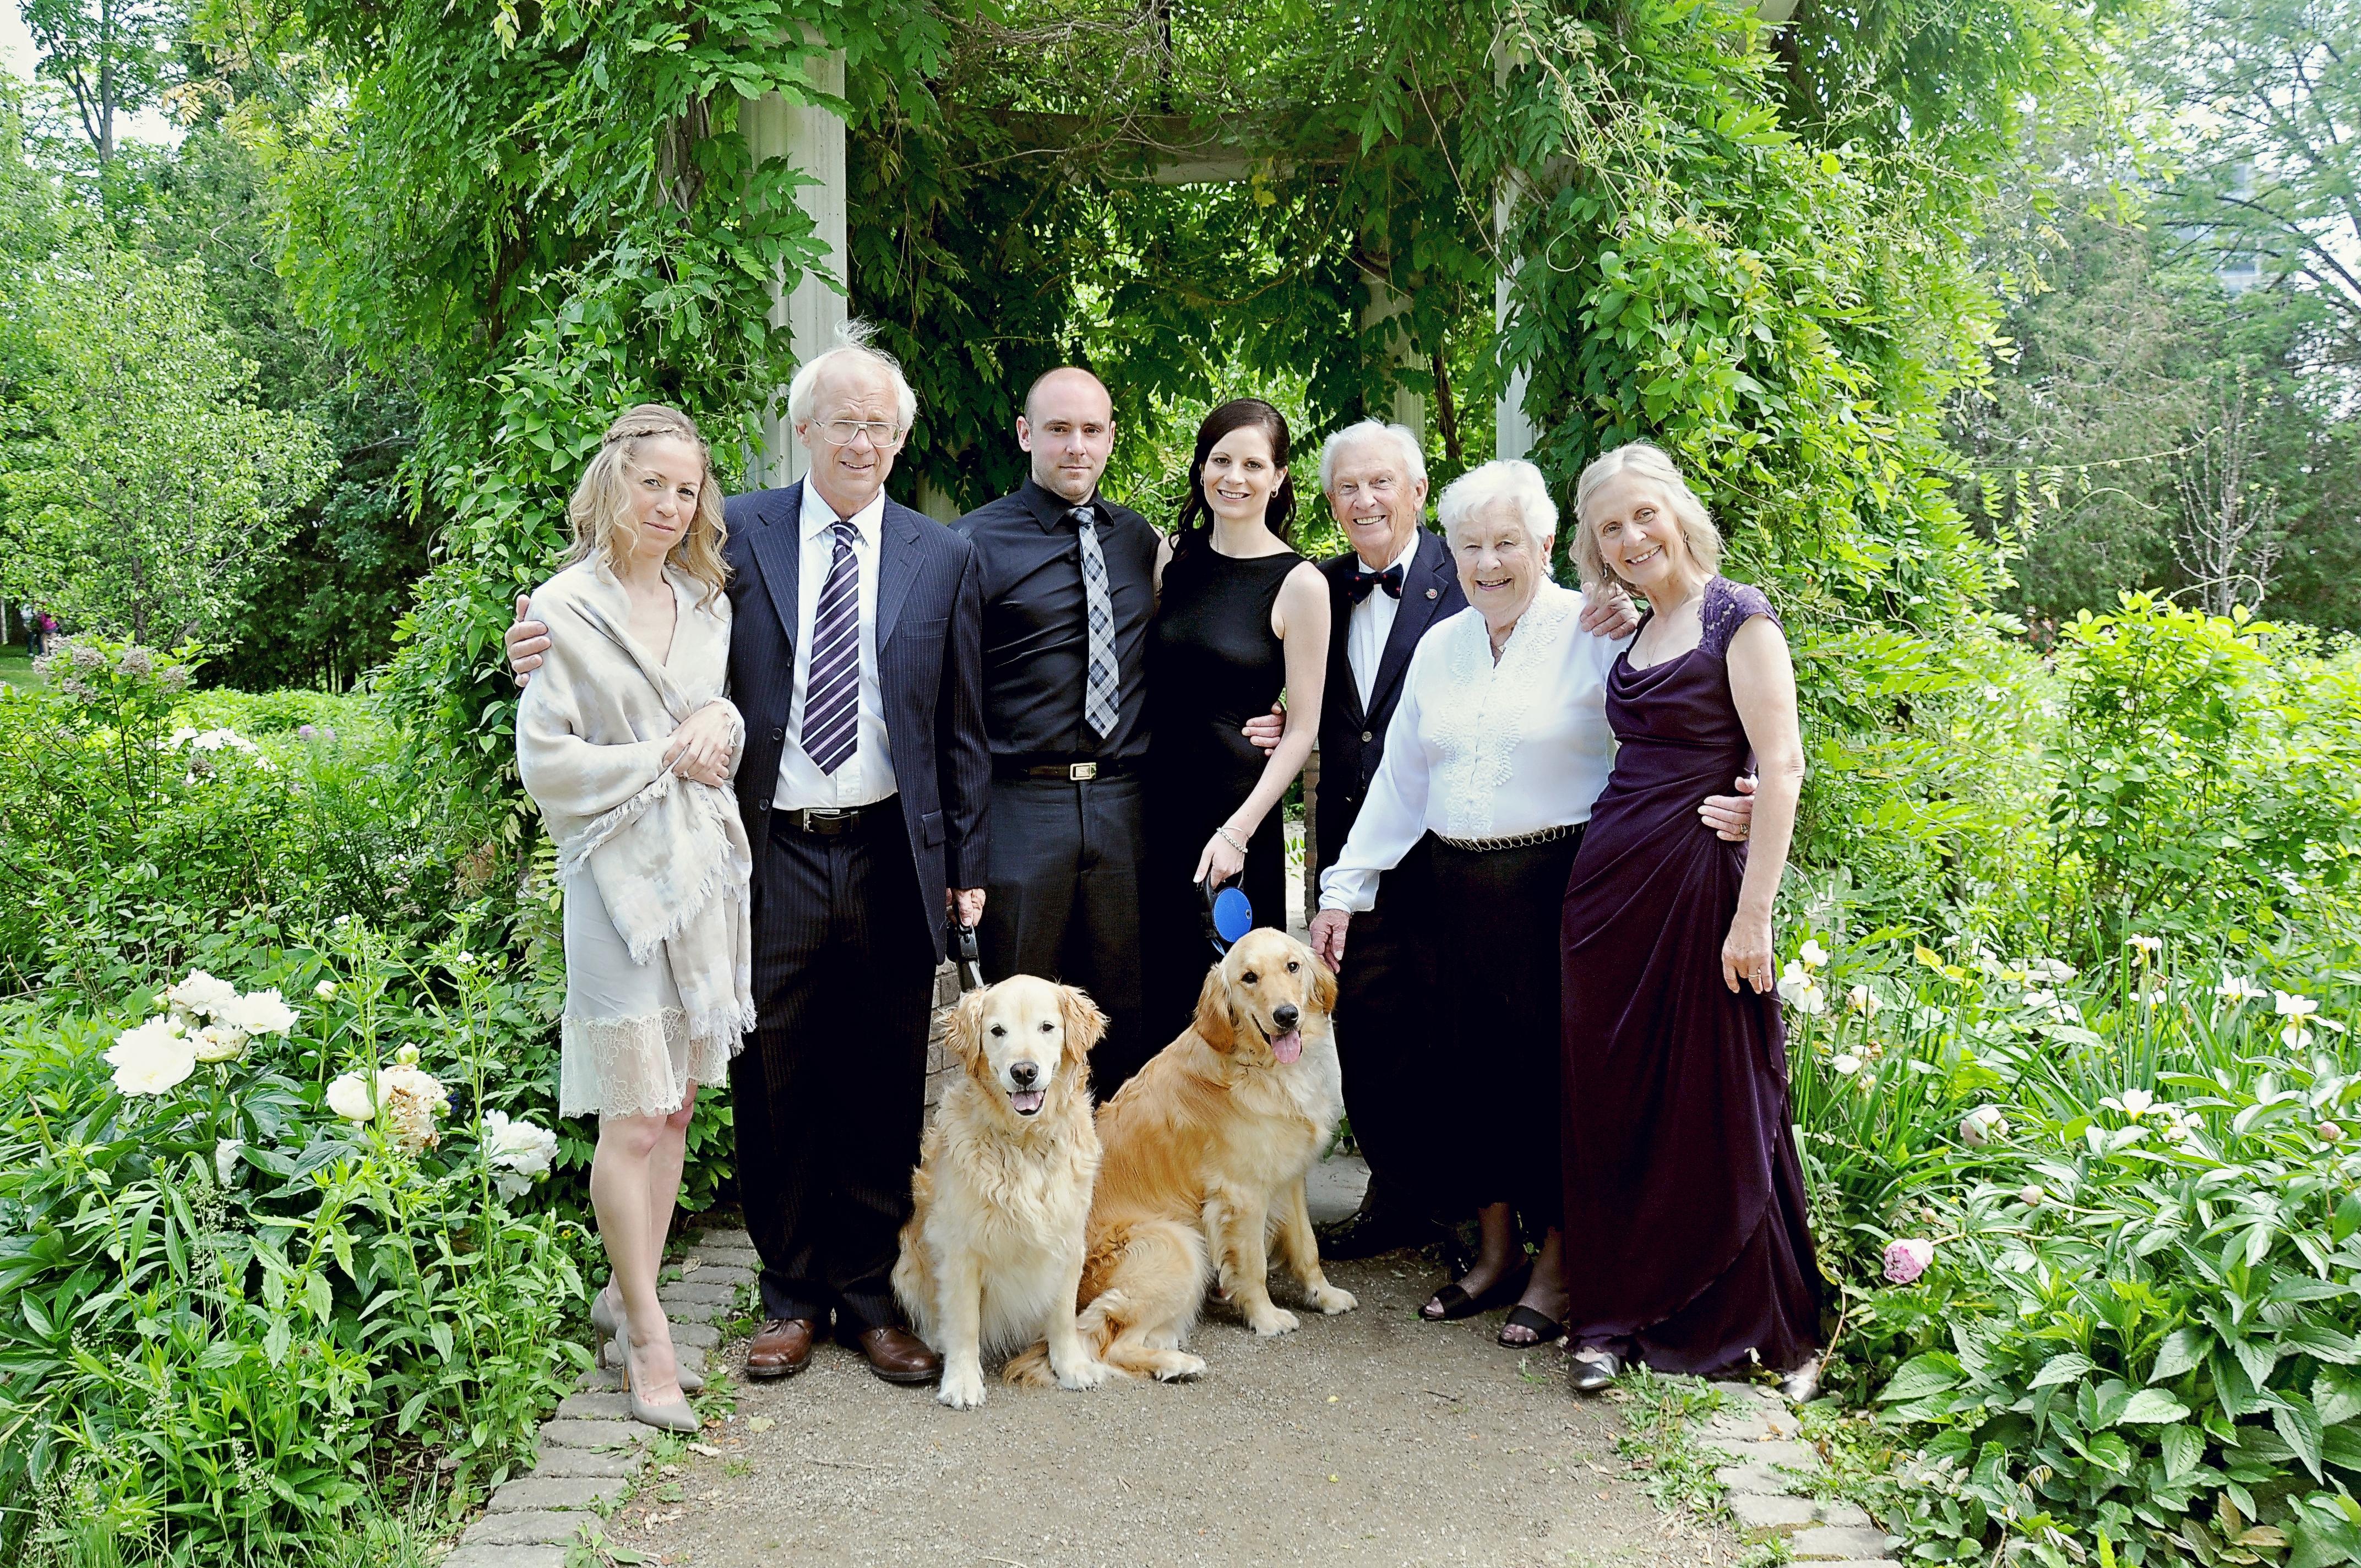 The Whole Family v2